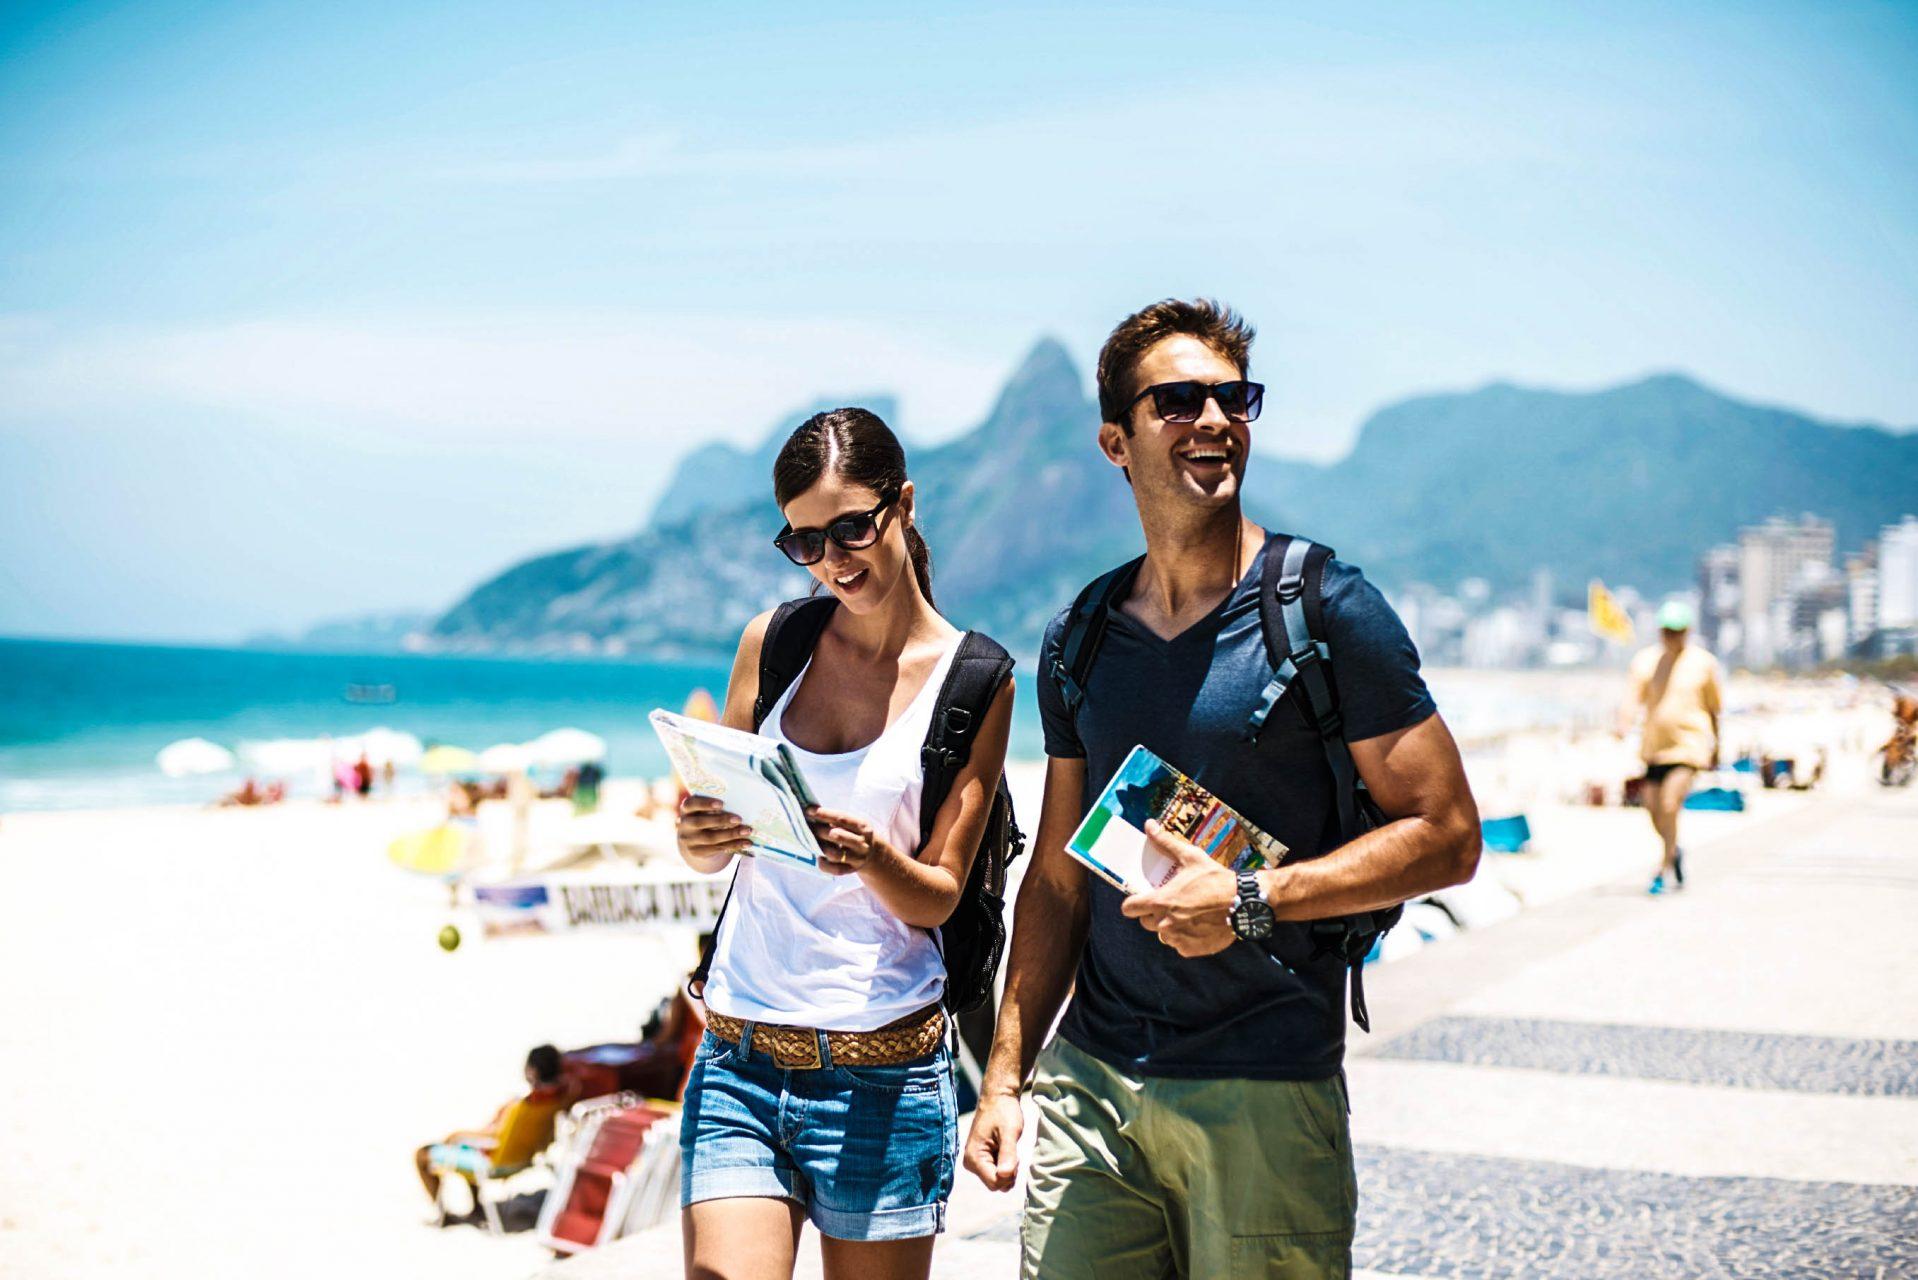 Romantikurlaub am Strand? Auch das ist mit Blind Booking möglich